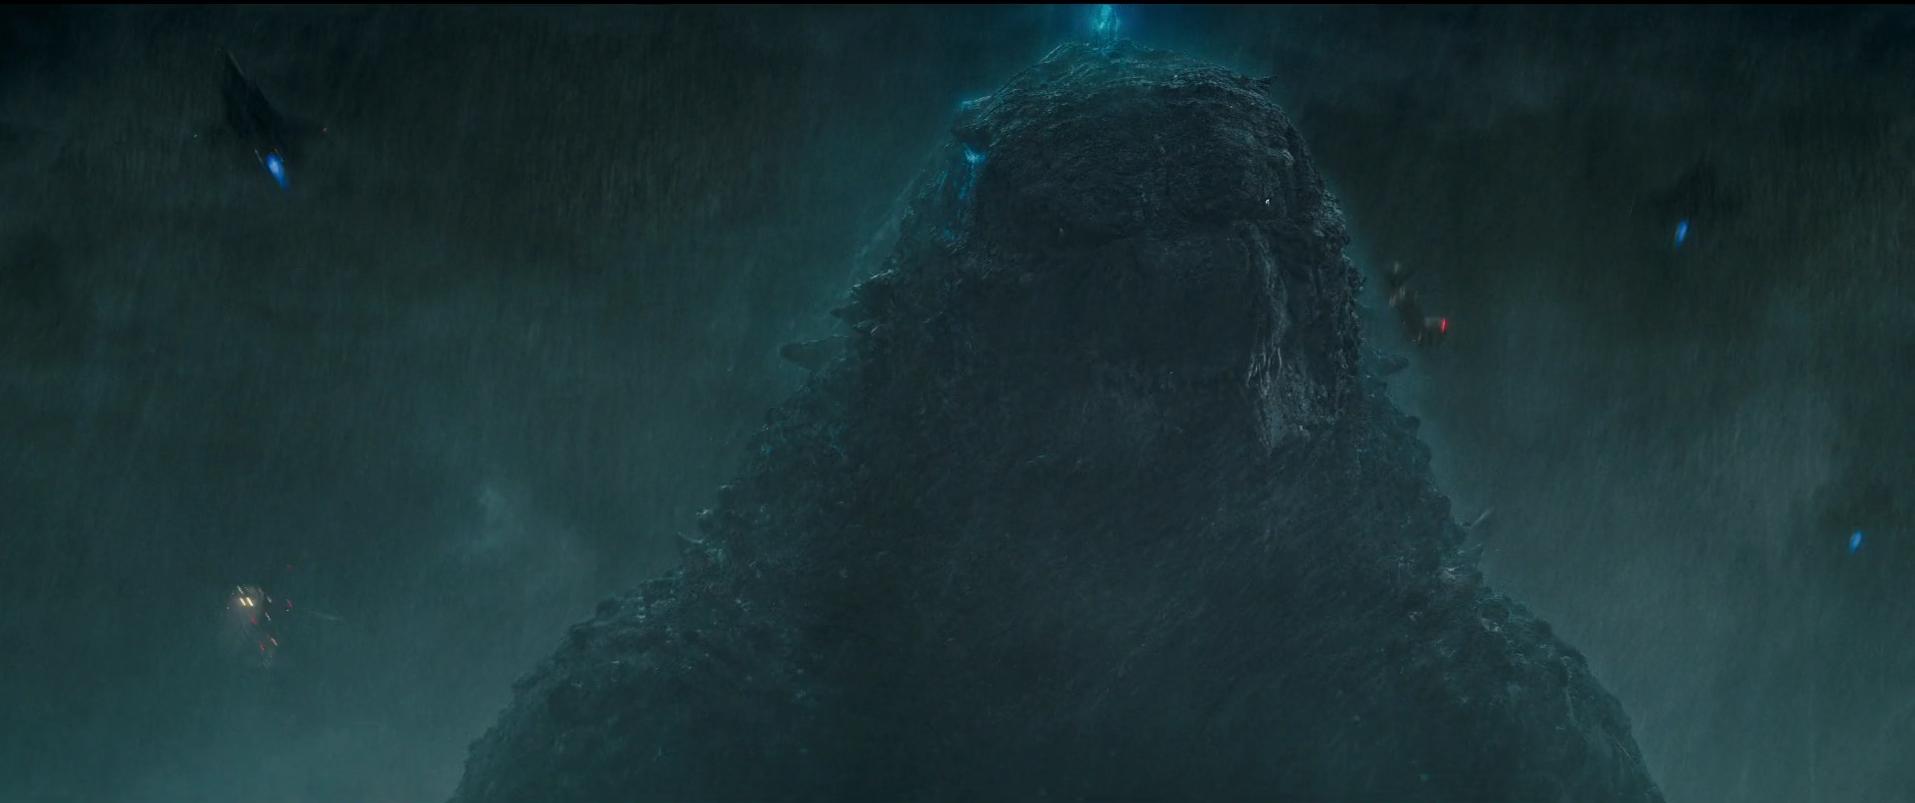 Beautiful 3 - Godzilla on the march.png